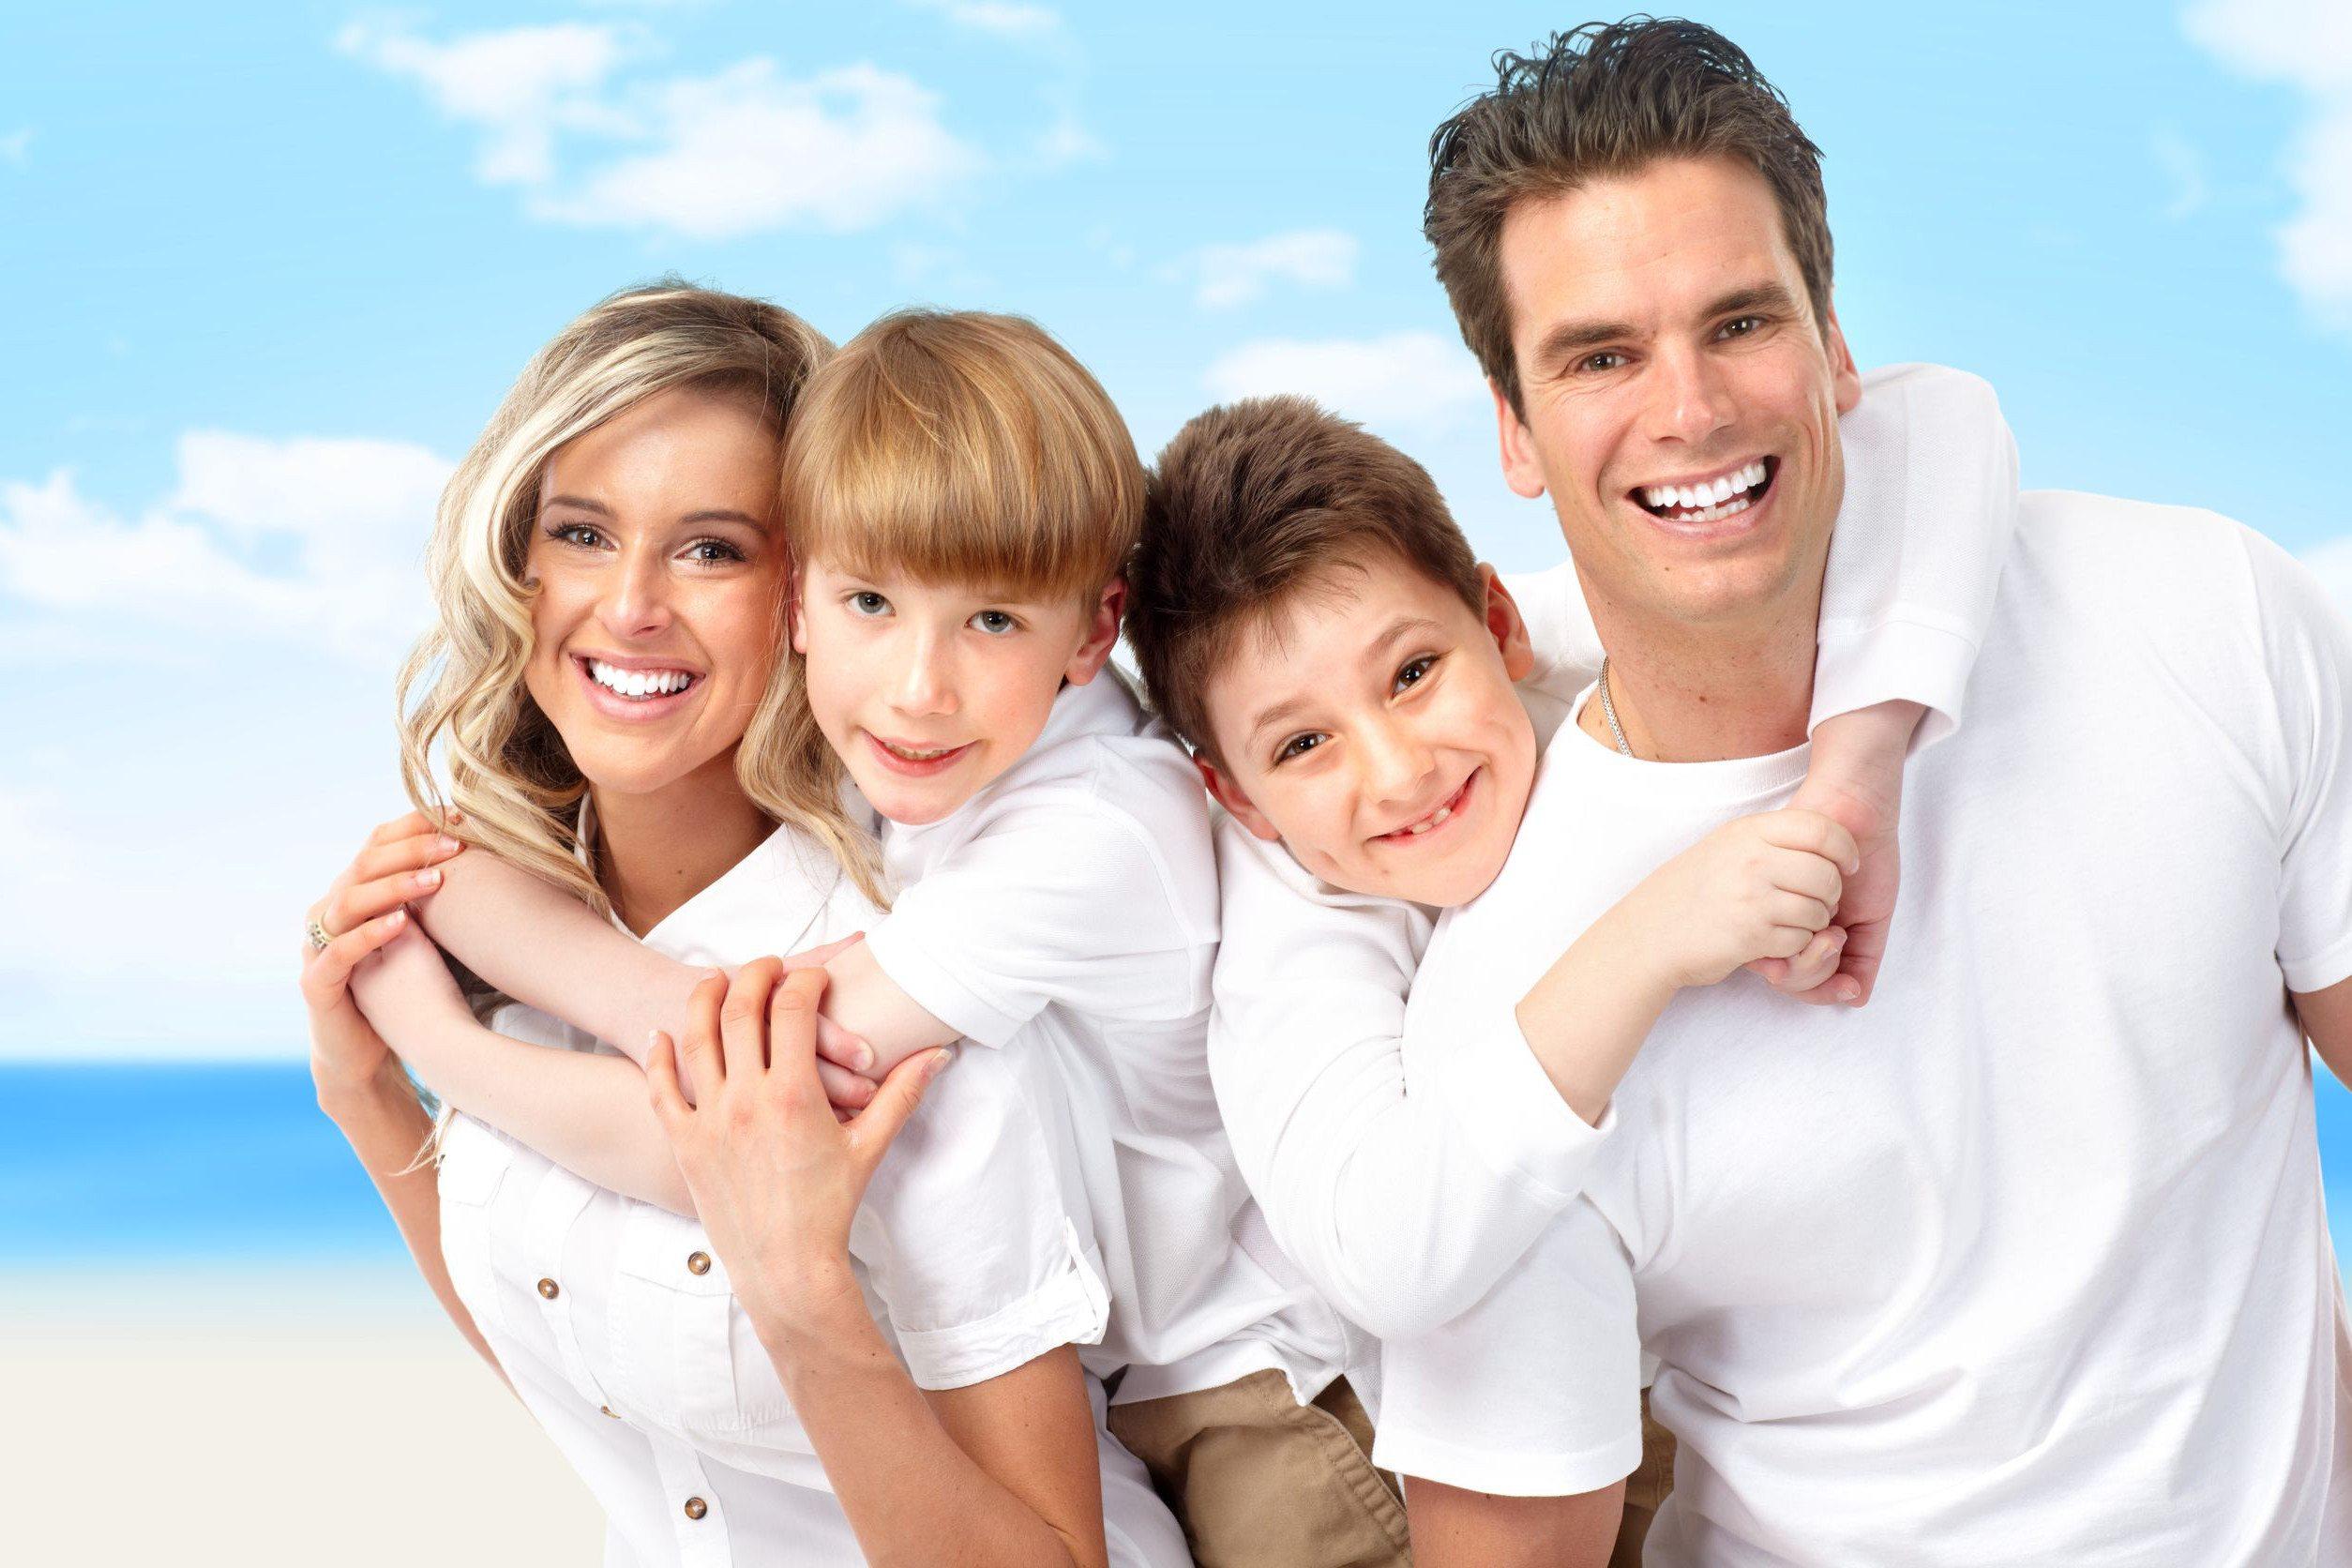 بكج عائلي 4 افراد 9 ليالي 2700 $